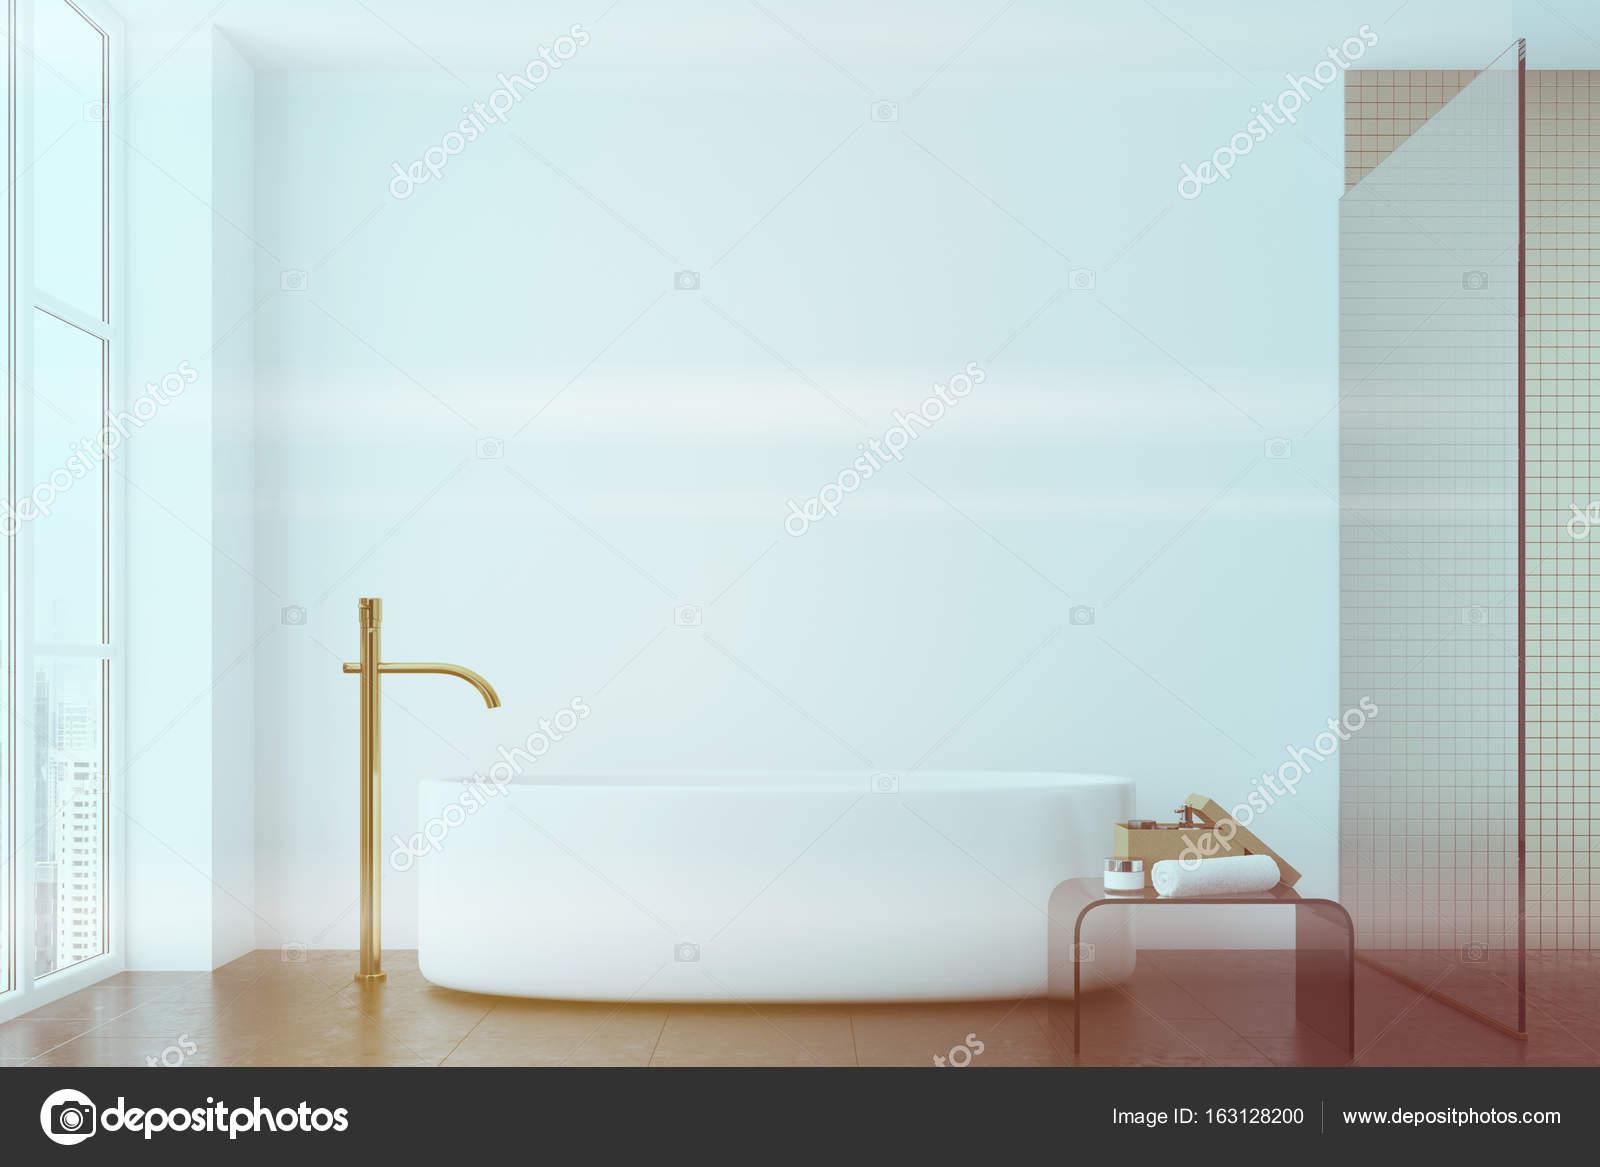 Witte Badkamer Wandtegels : Witte badkamer tegels en ronde tub venster toned u stockfoto